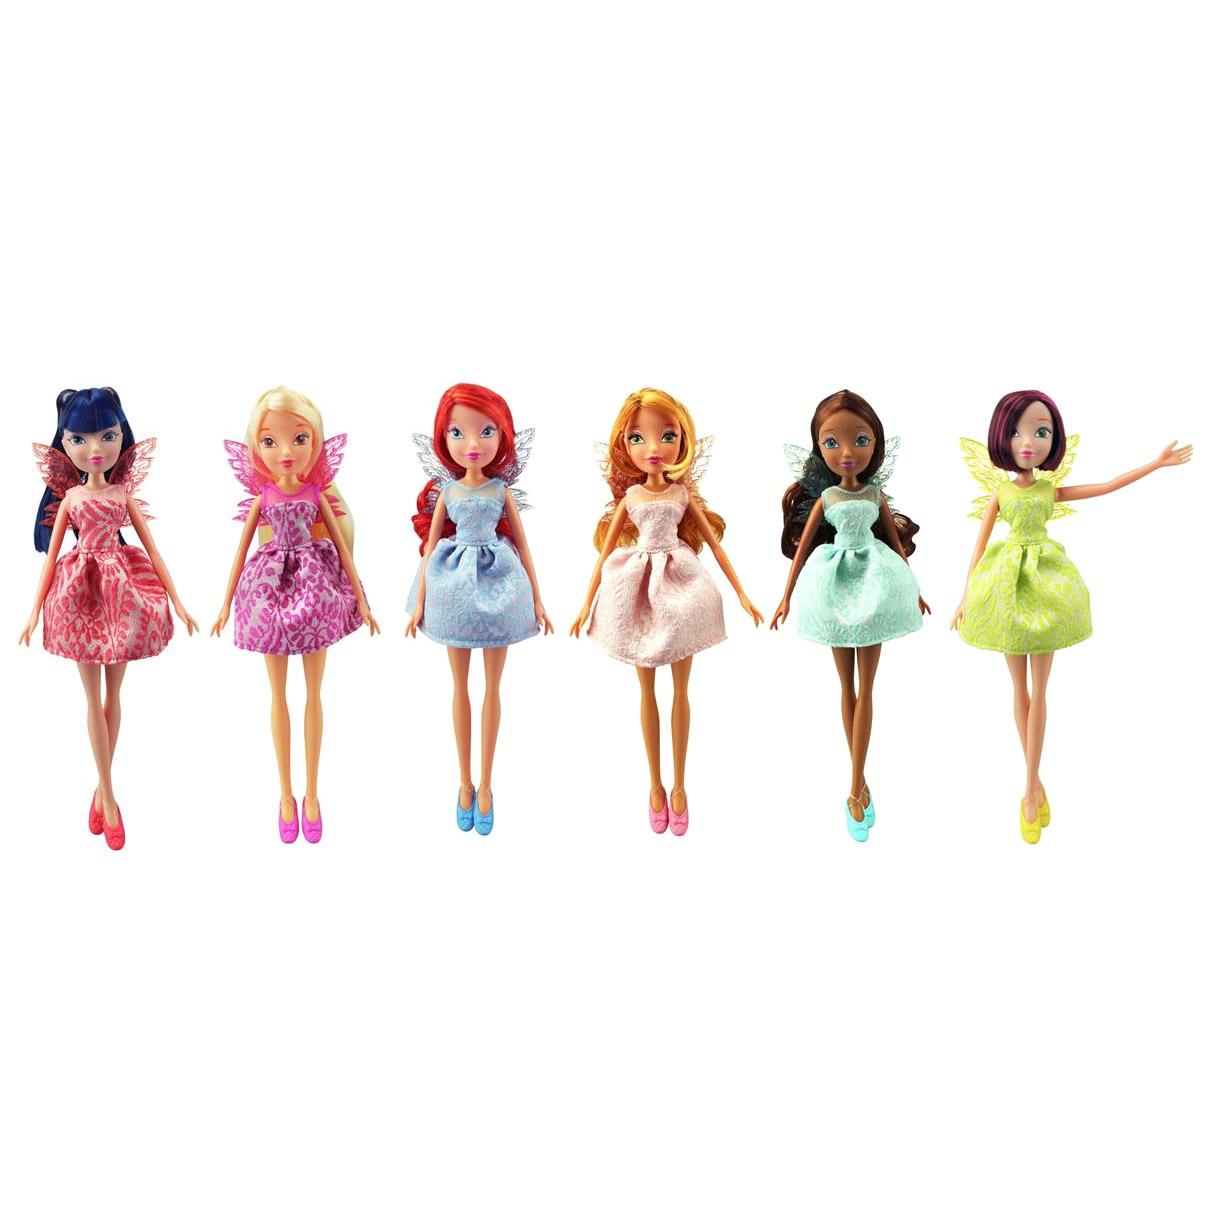 Кукла Winx Club Мисс Винкс в ассортименте